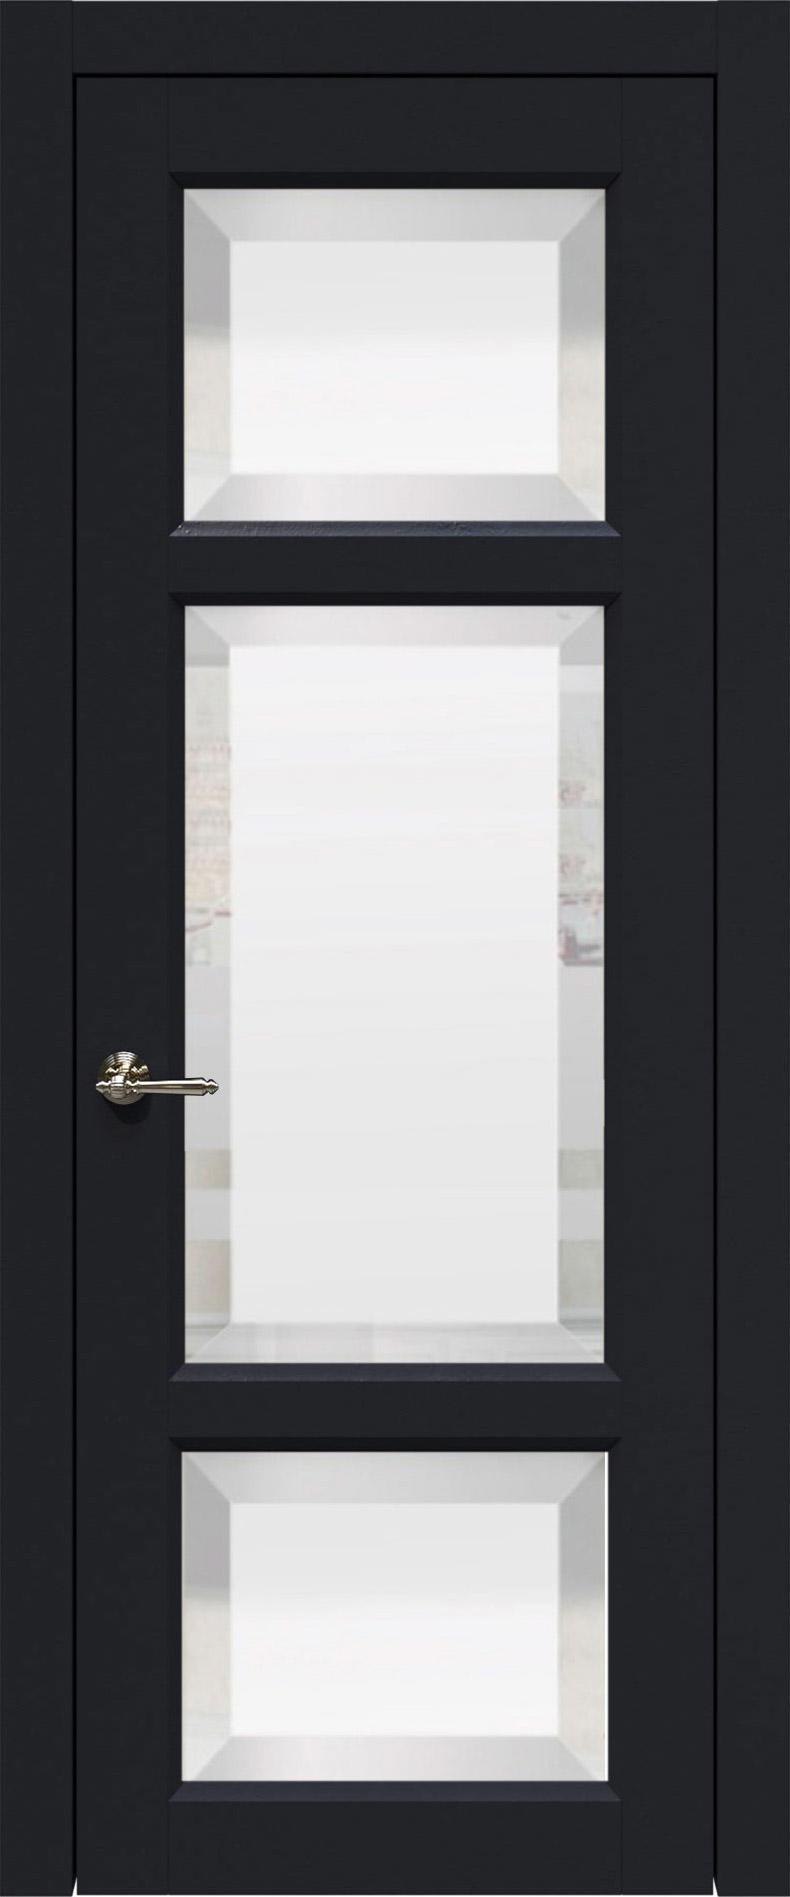 Siena цвет - Черная эмаль (RAL 9004) Со стеклом (ДО)